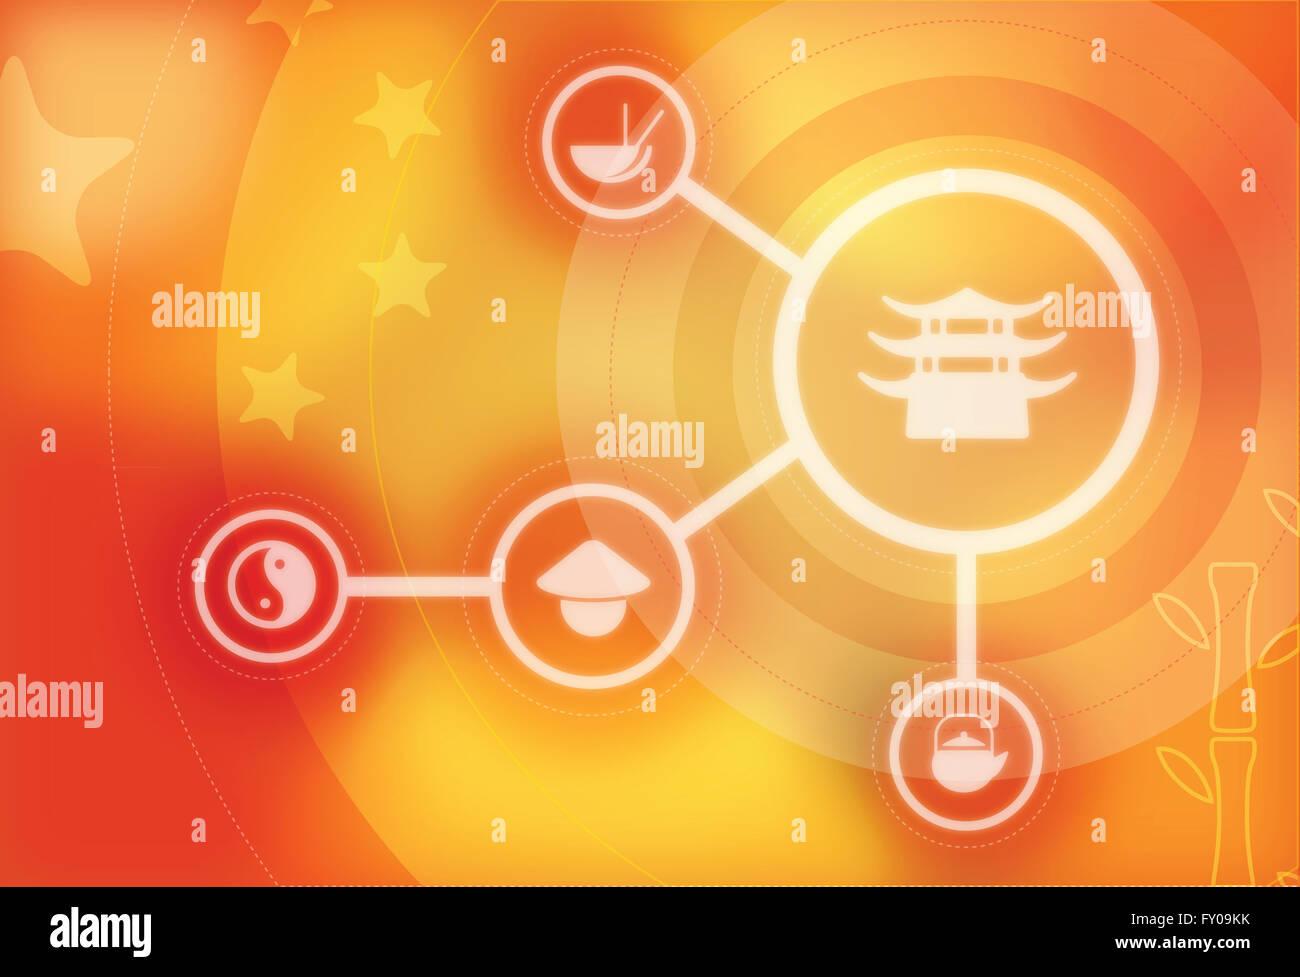 Image d'illustration représentant concept de pagode chinoise Banque D'Images